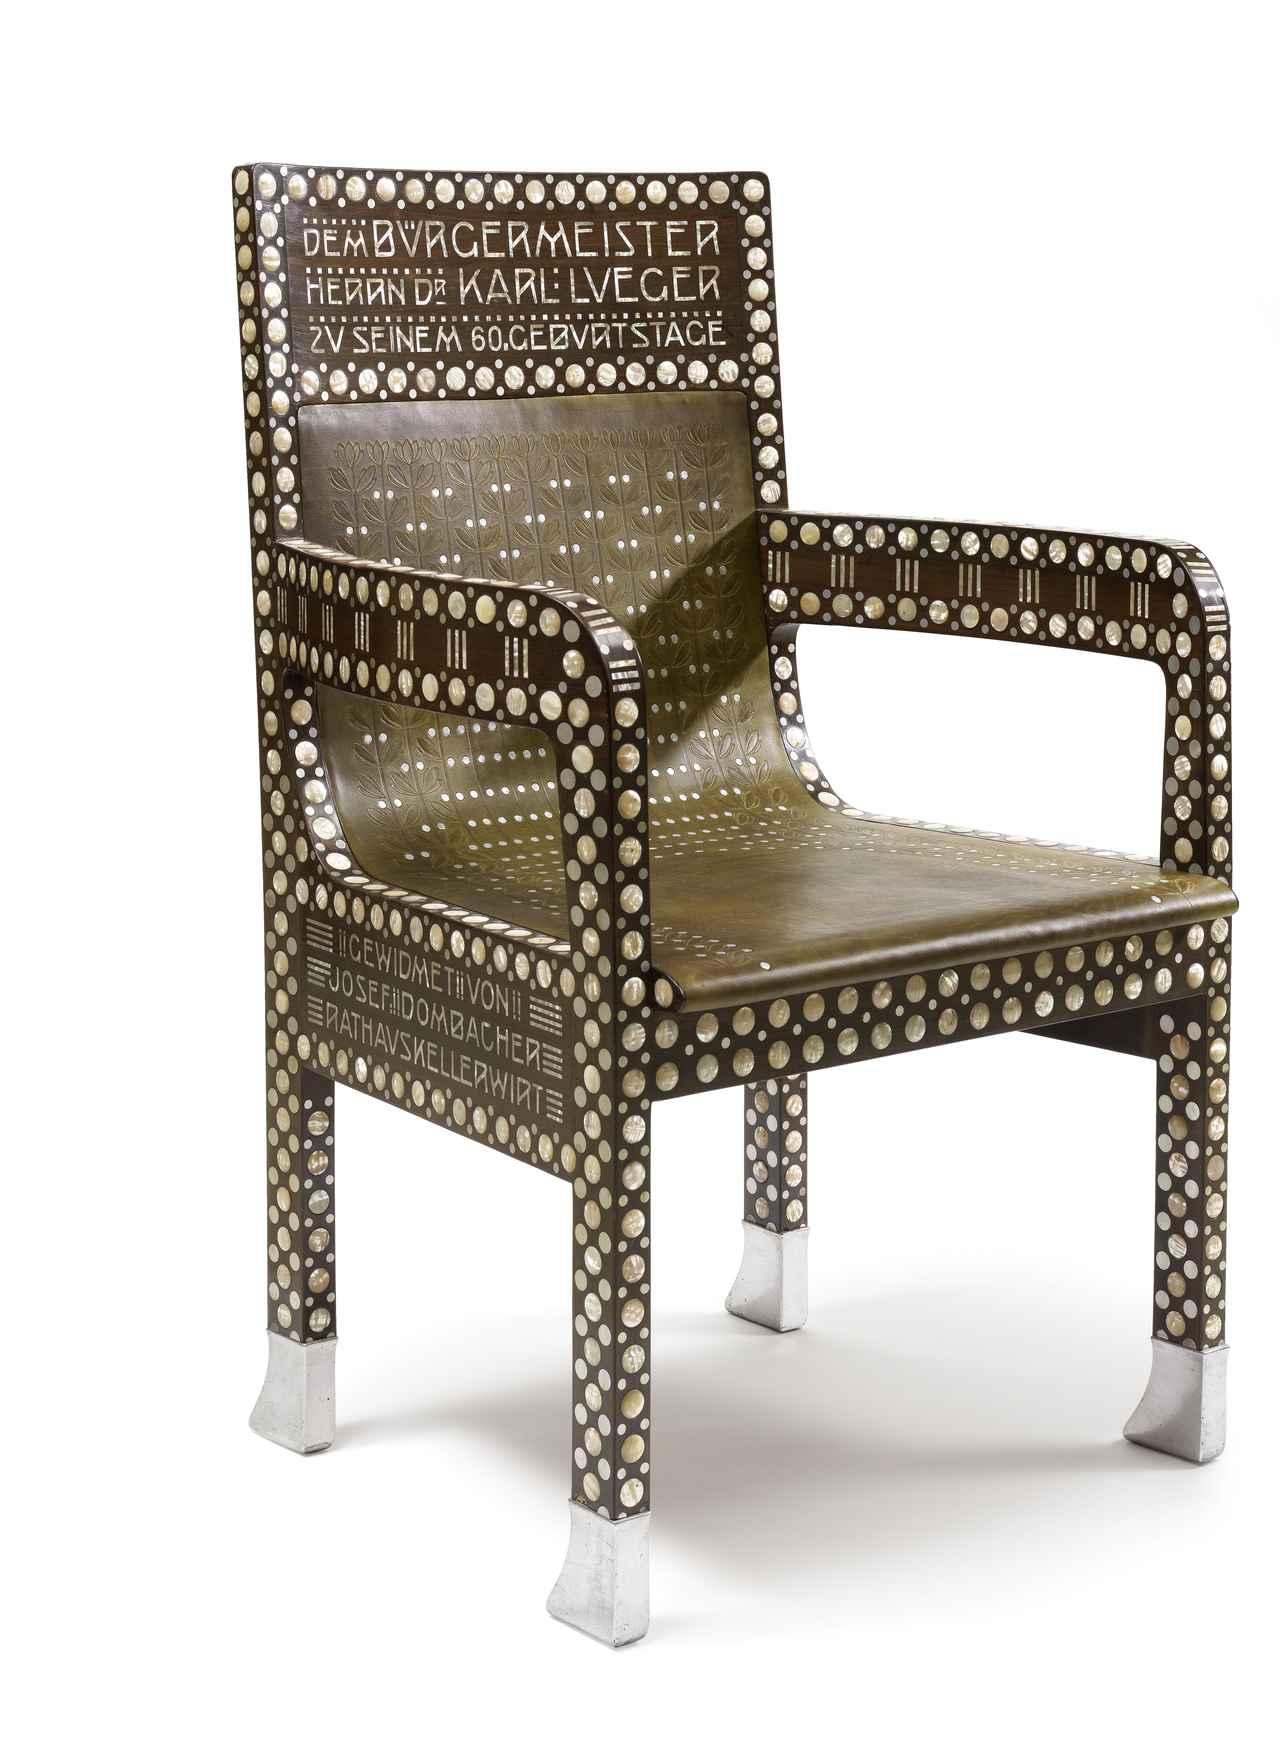 画像: オットー・ヴァーグナー《カール・ルエーガー市長の椅子》1904年 ローズウッド、真珠母貝の象嵌、アルミニウム、革 高さ:99 cm、幅:63 cm ウィーン・ミュージアム蔵 ©Wien Museum / Foto Peter Kainz